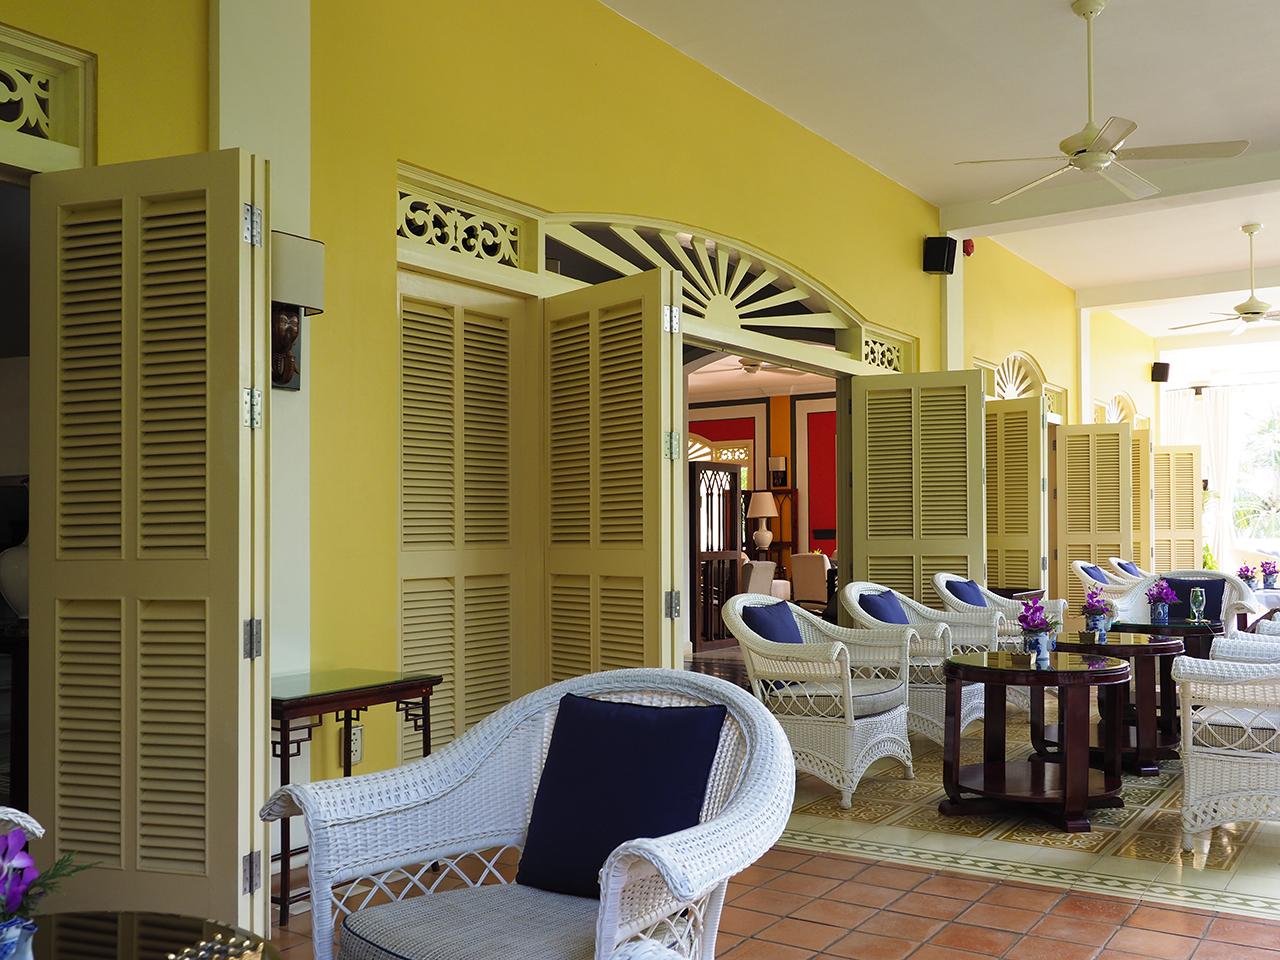 フランス貴族の別荘風ホテル、ラ ヴェランダ_1_2